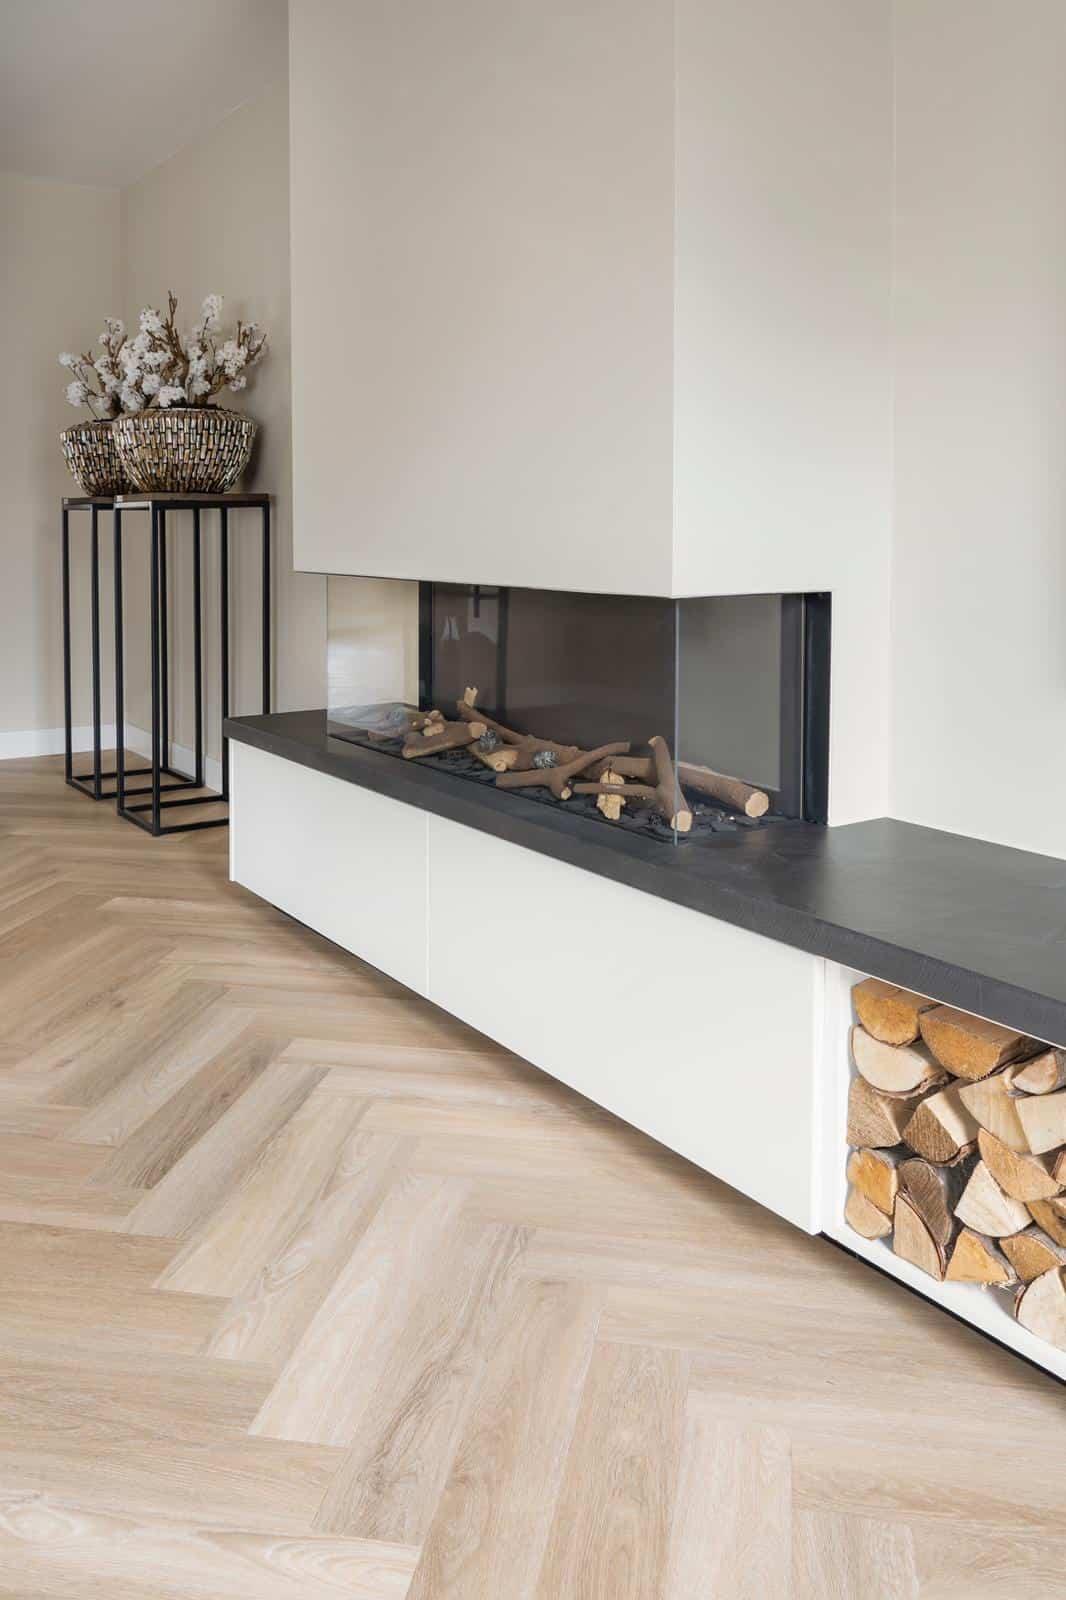 Visgraat Vloer Vivian Beige Eiken De Vloerentrend Van Nu Stile Floors